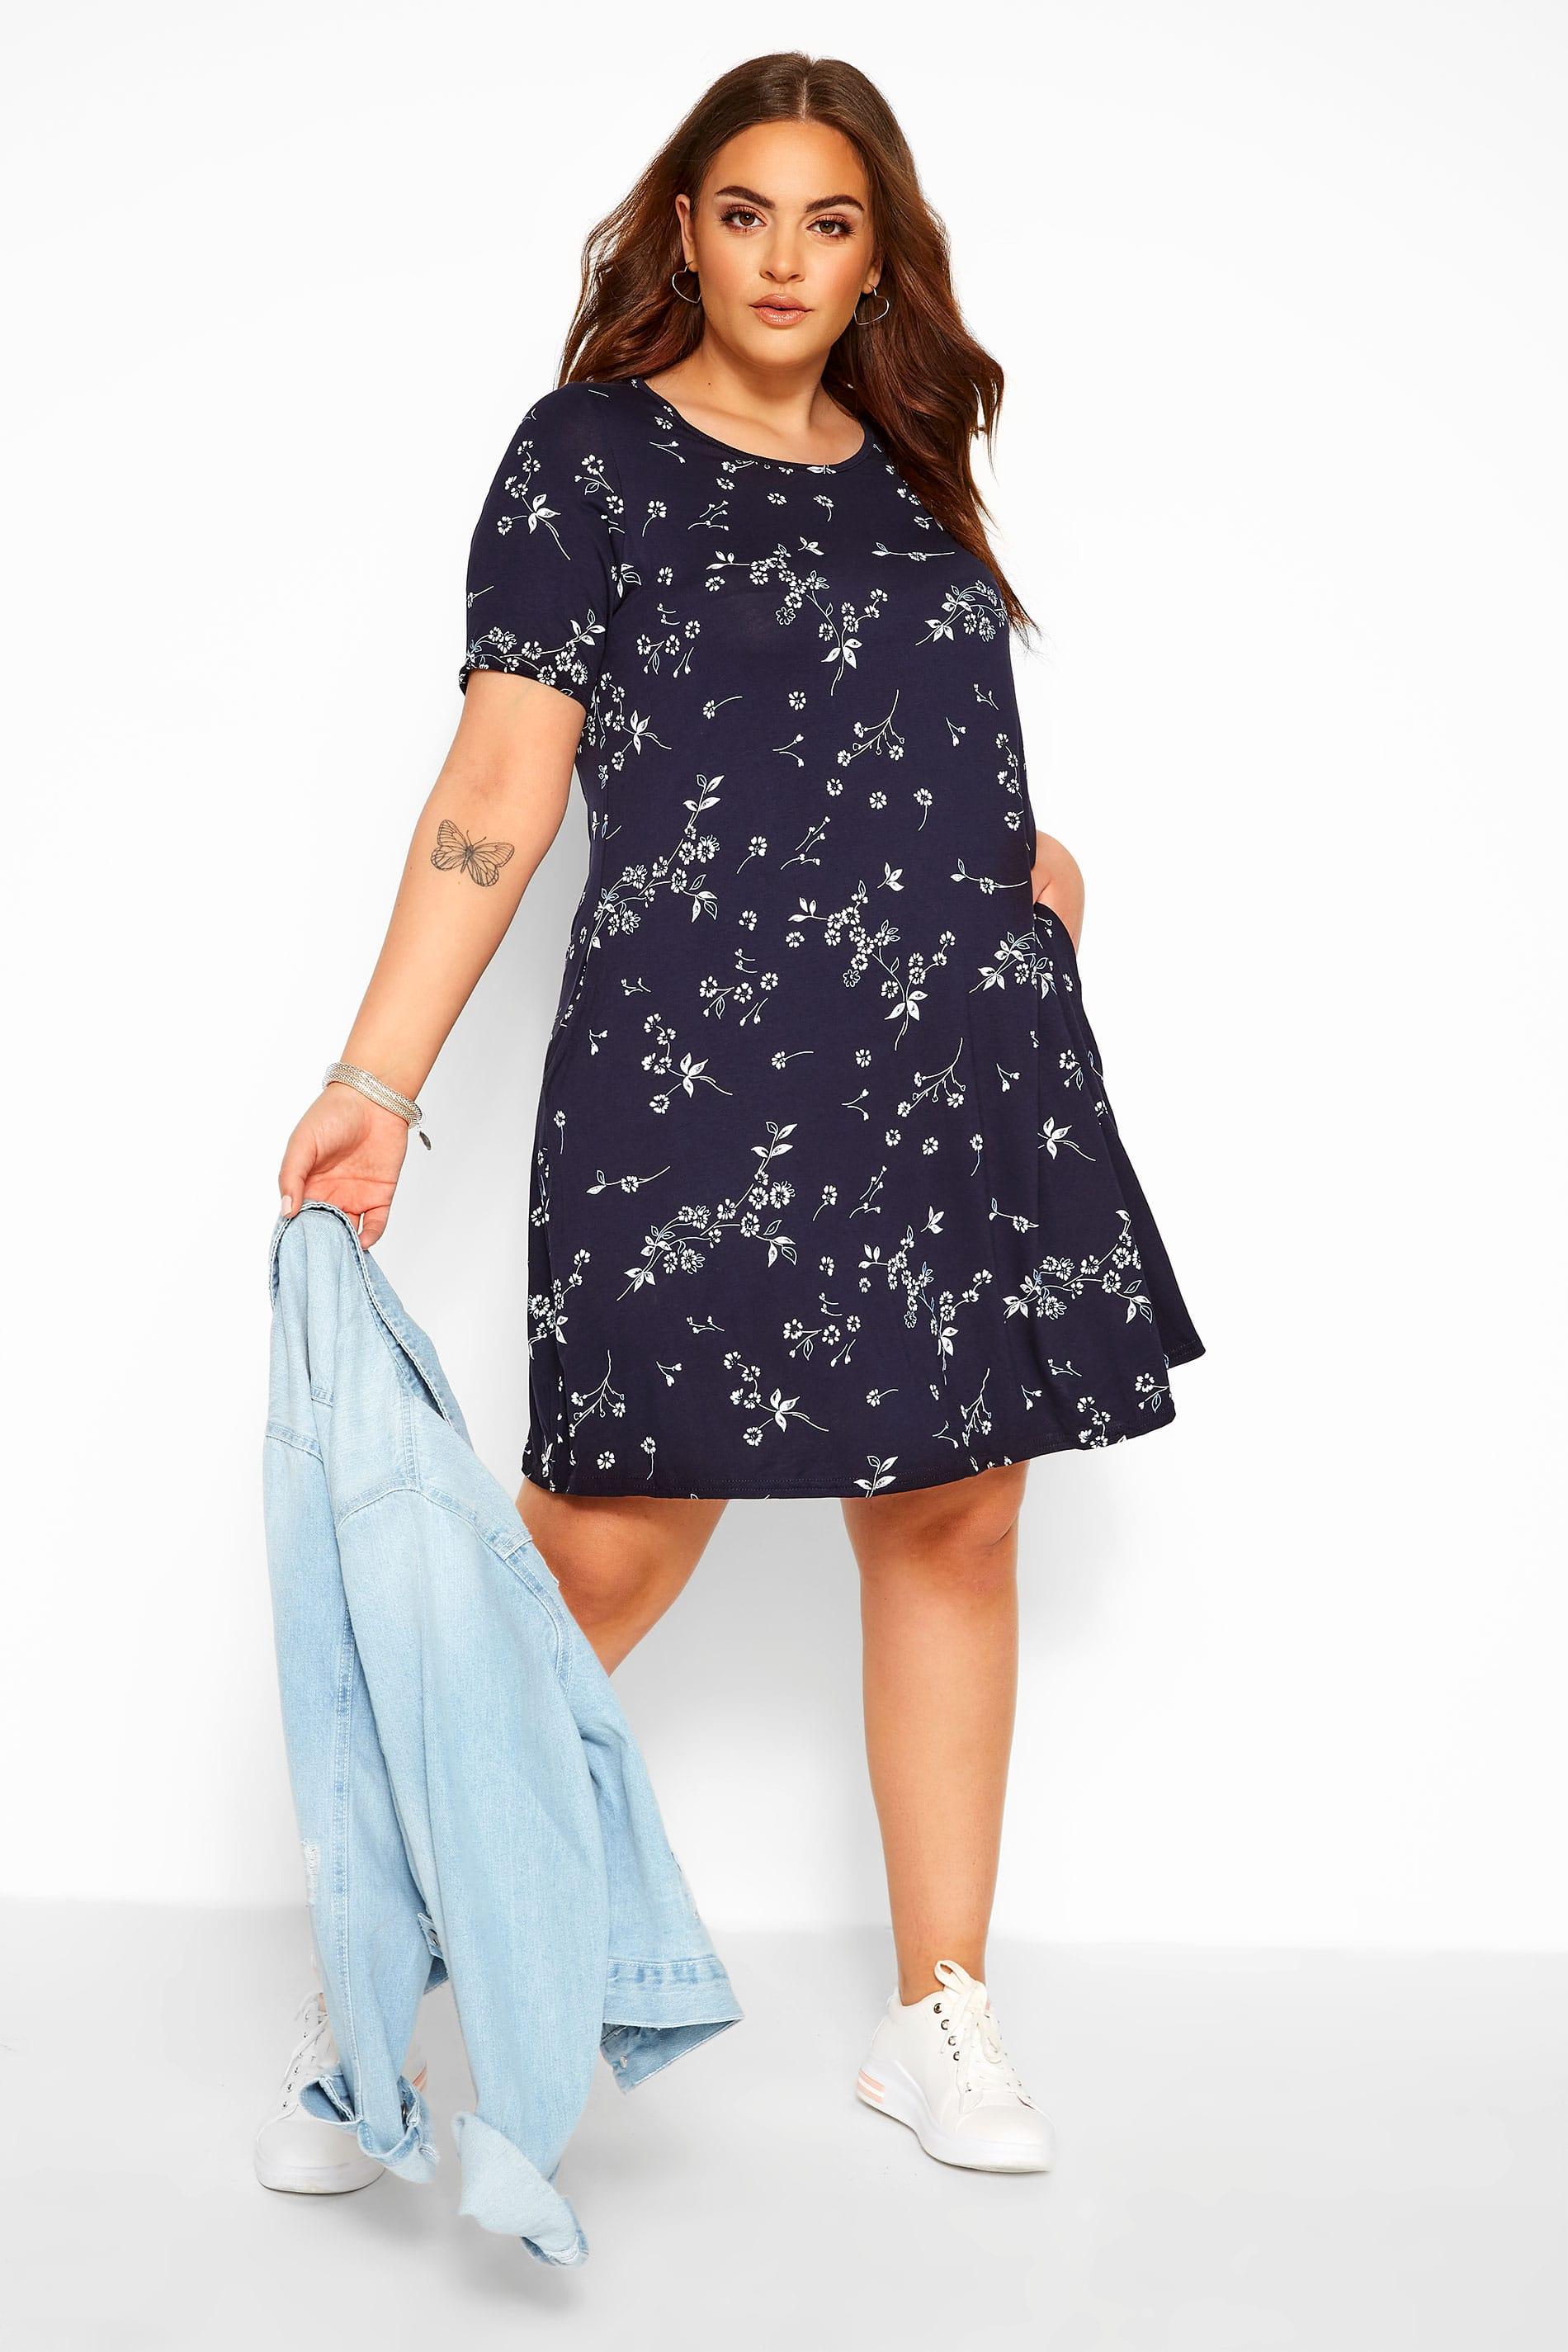 Navy Floral Pocket Swing Dress